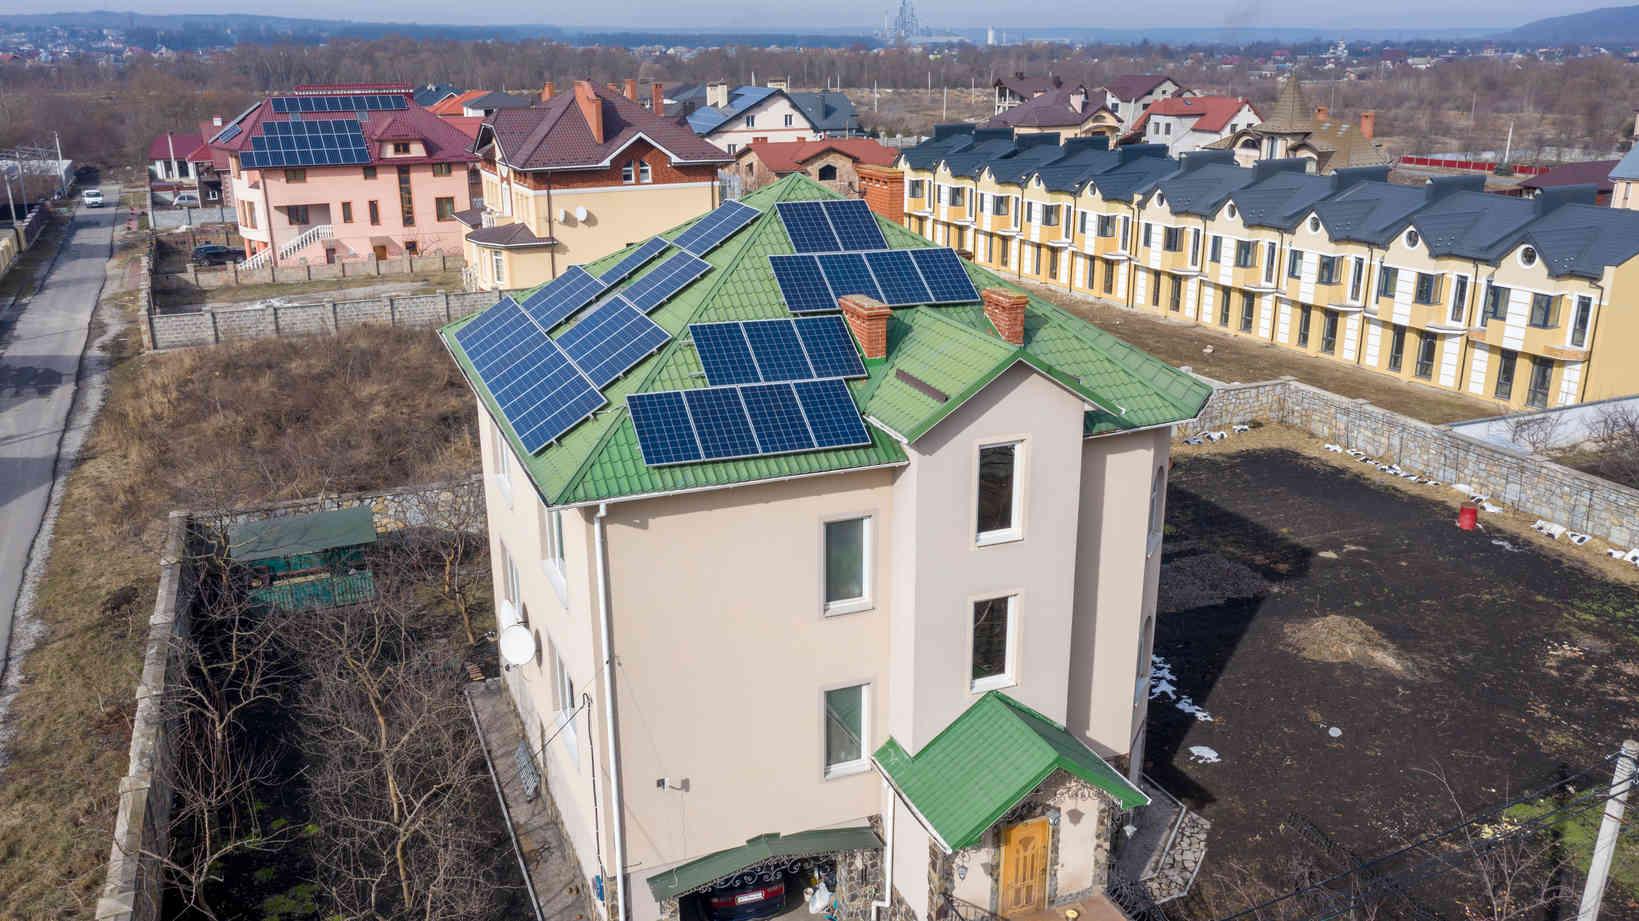 Мережева сонячна електростанція (СЕС) потужністю 15,12 кВт – Фотозвіт #3